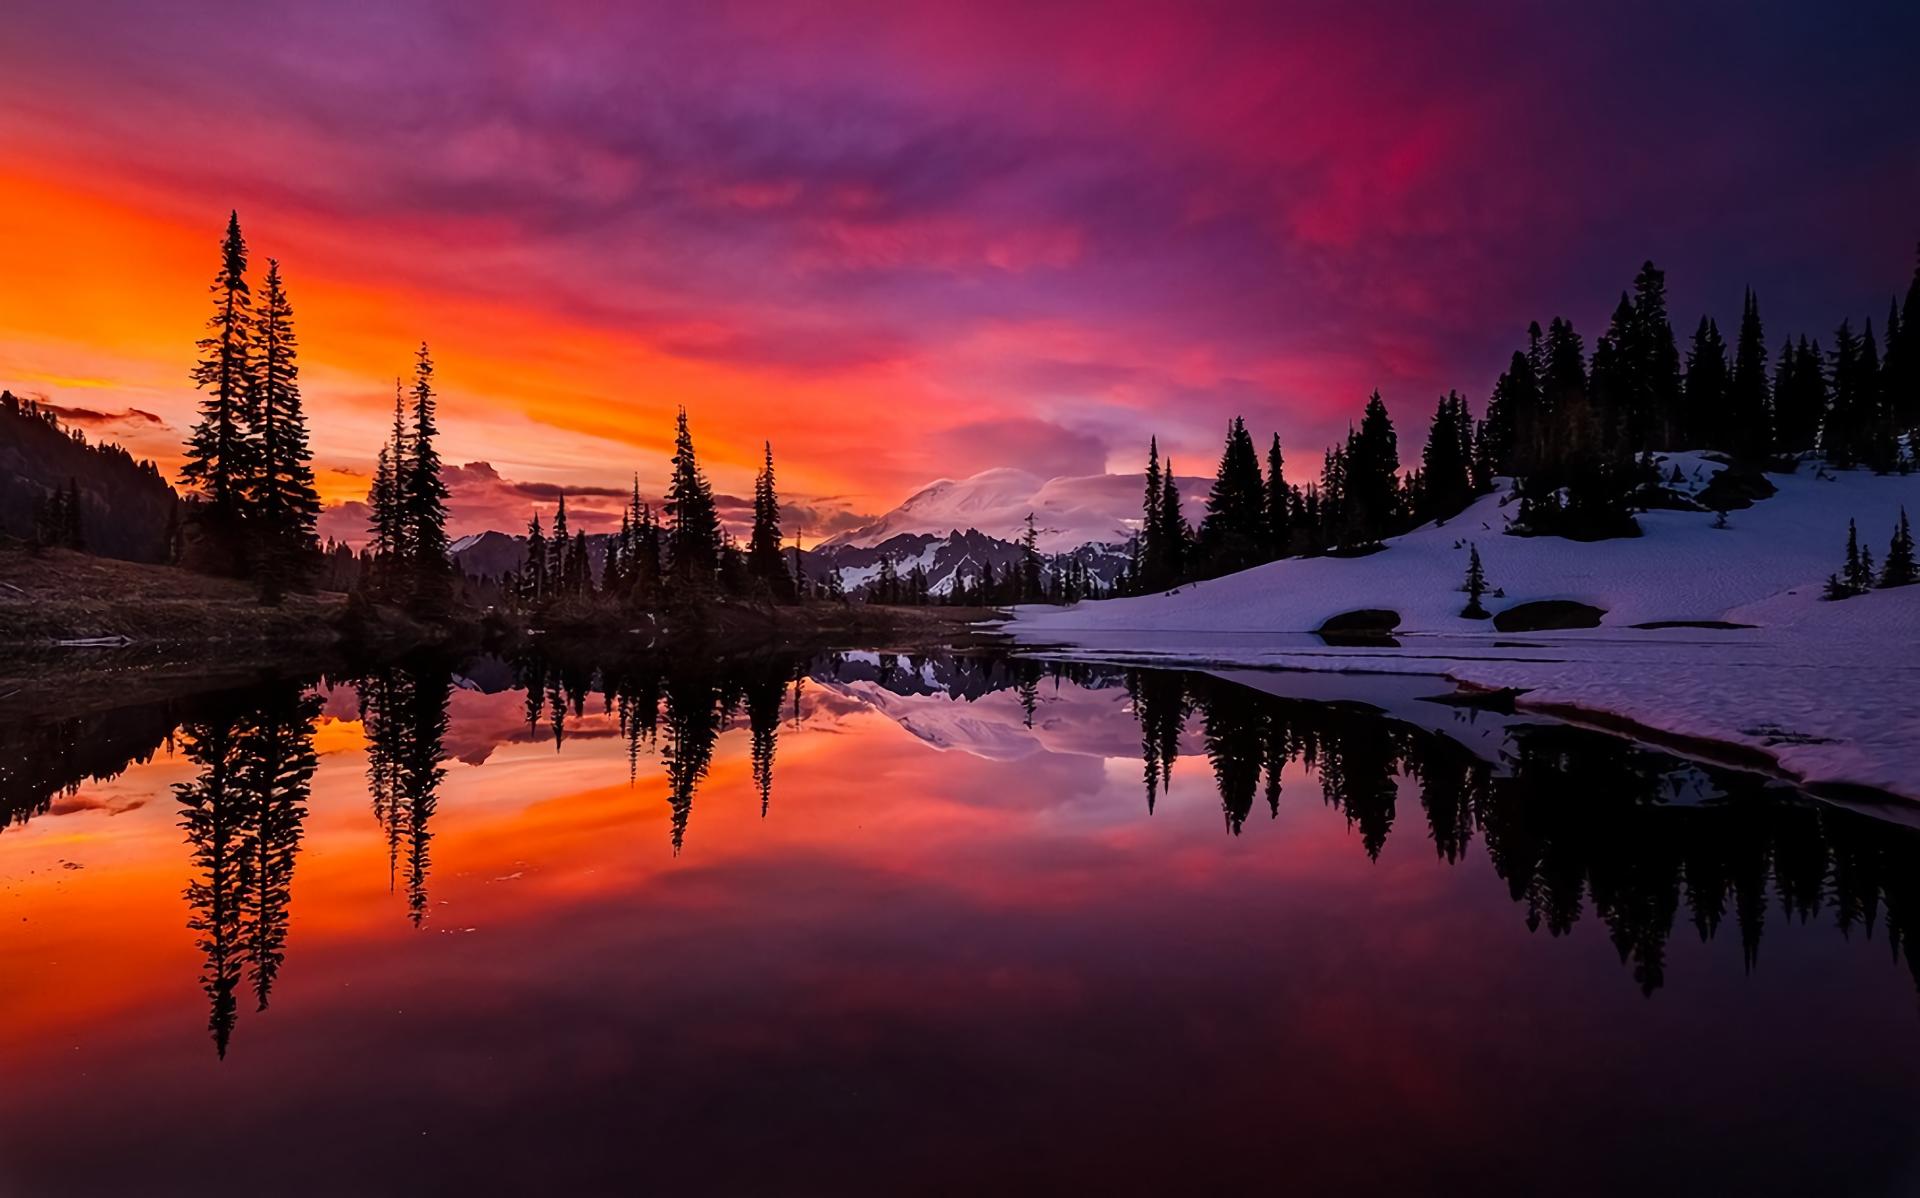 красивые картинки пейзаж закат ничего, использовании